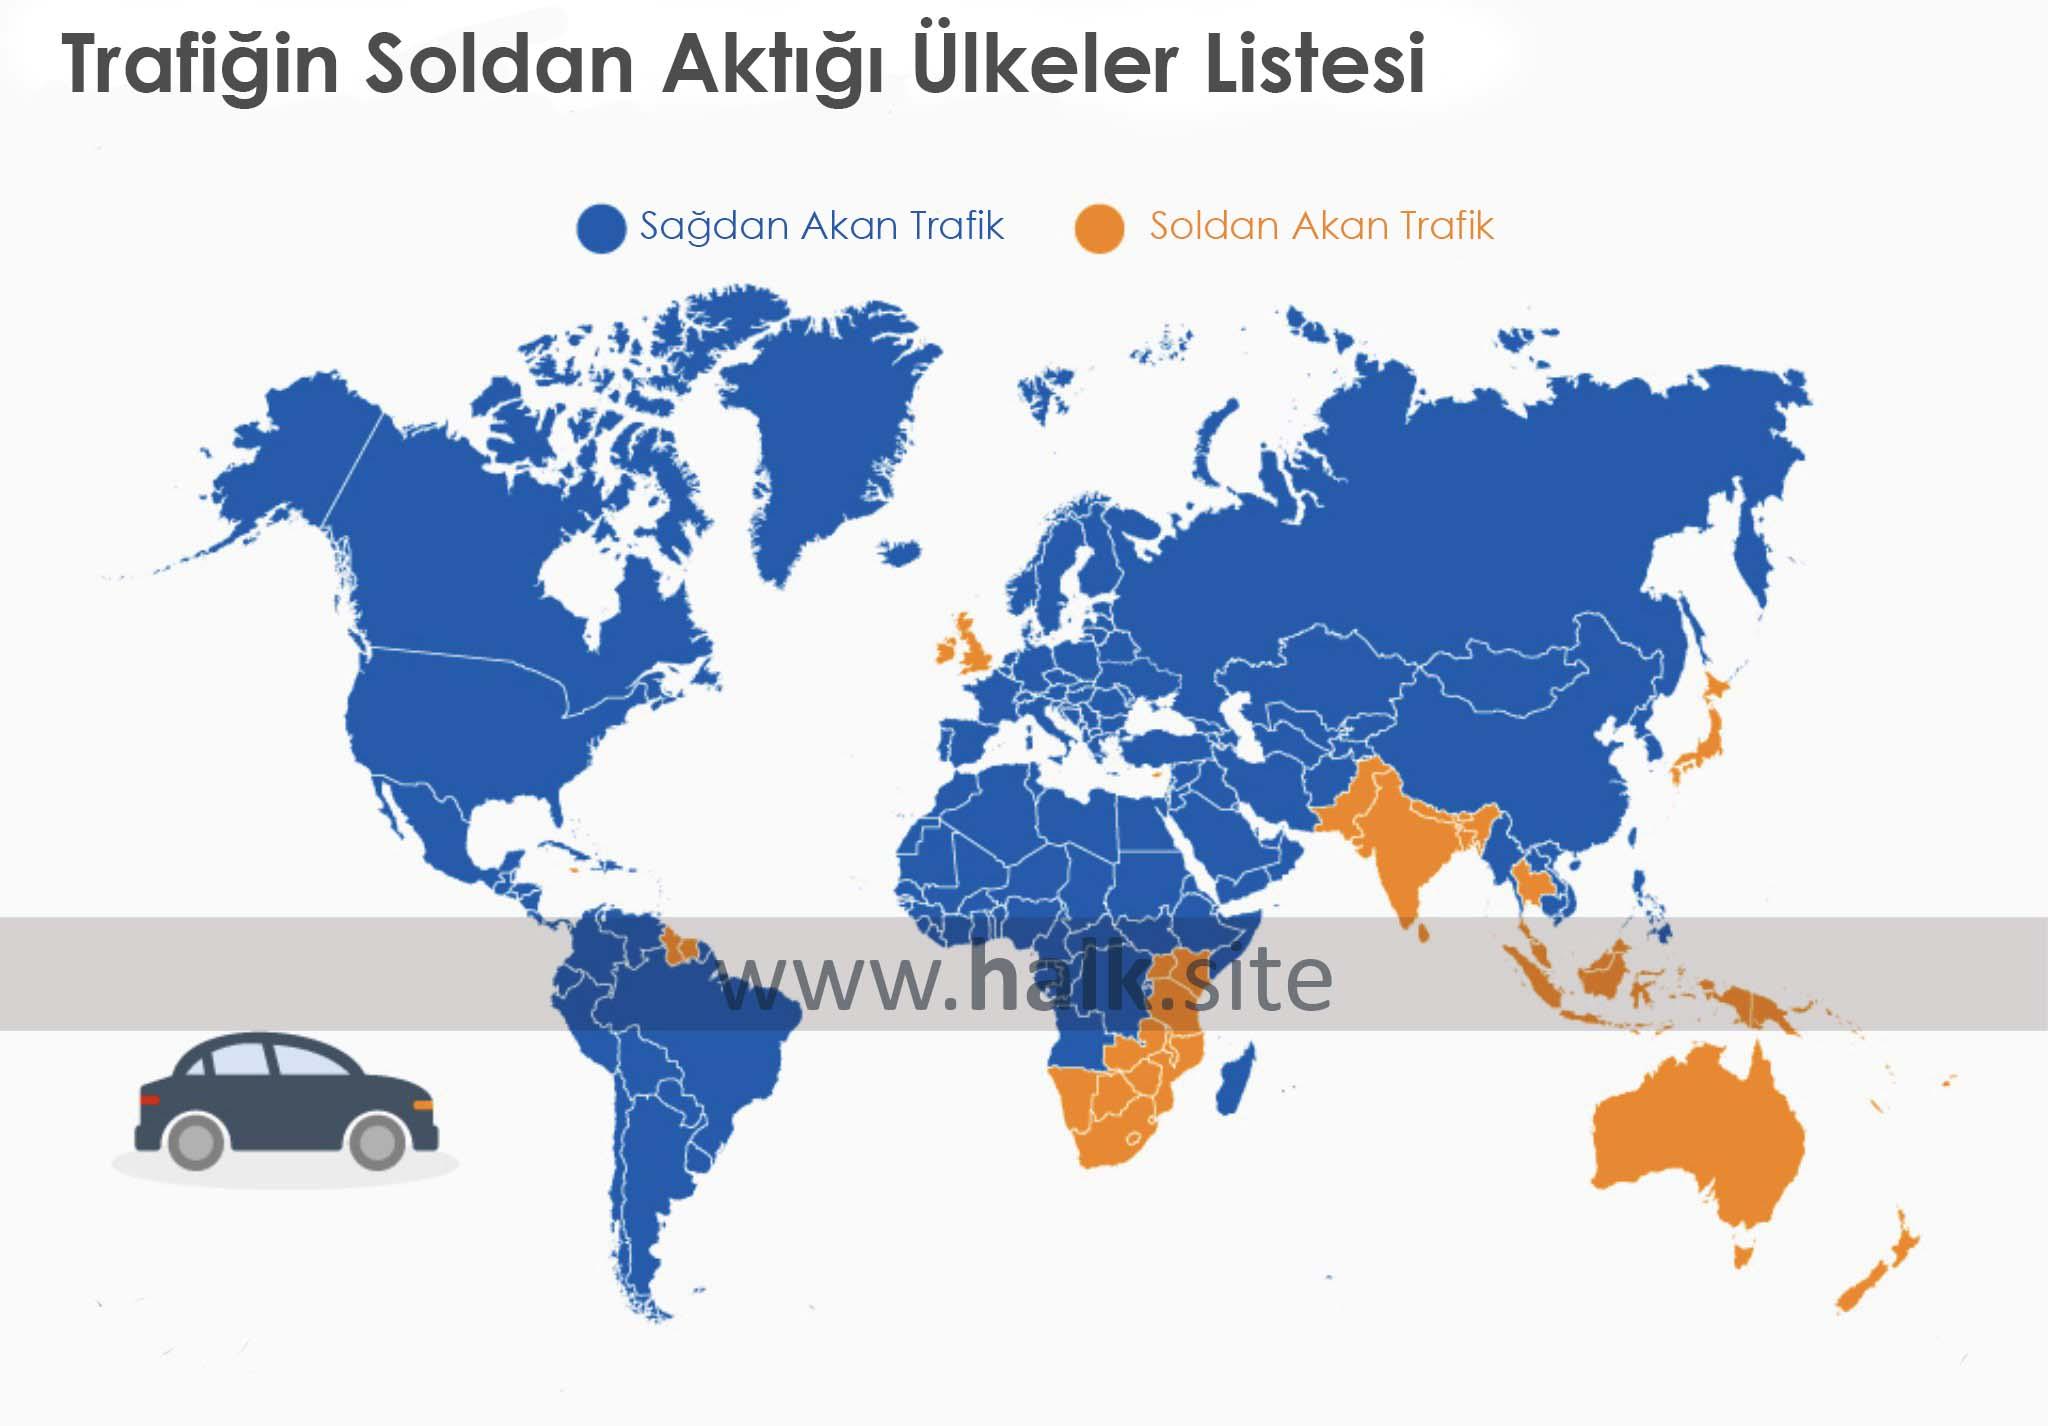 Trafiğin Soldan Aktığı Ülkeler